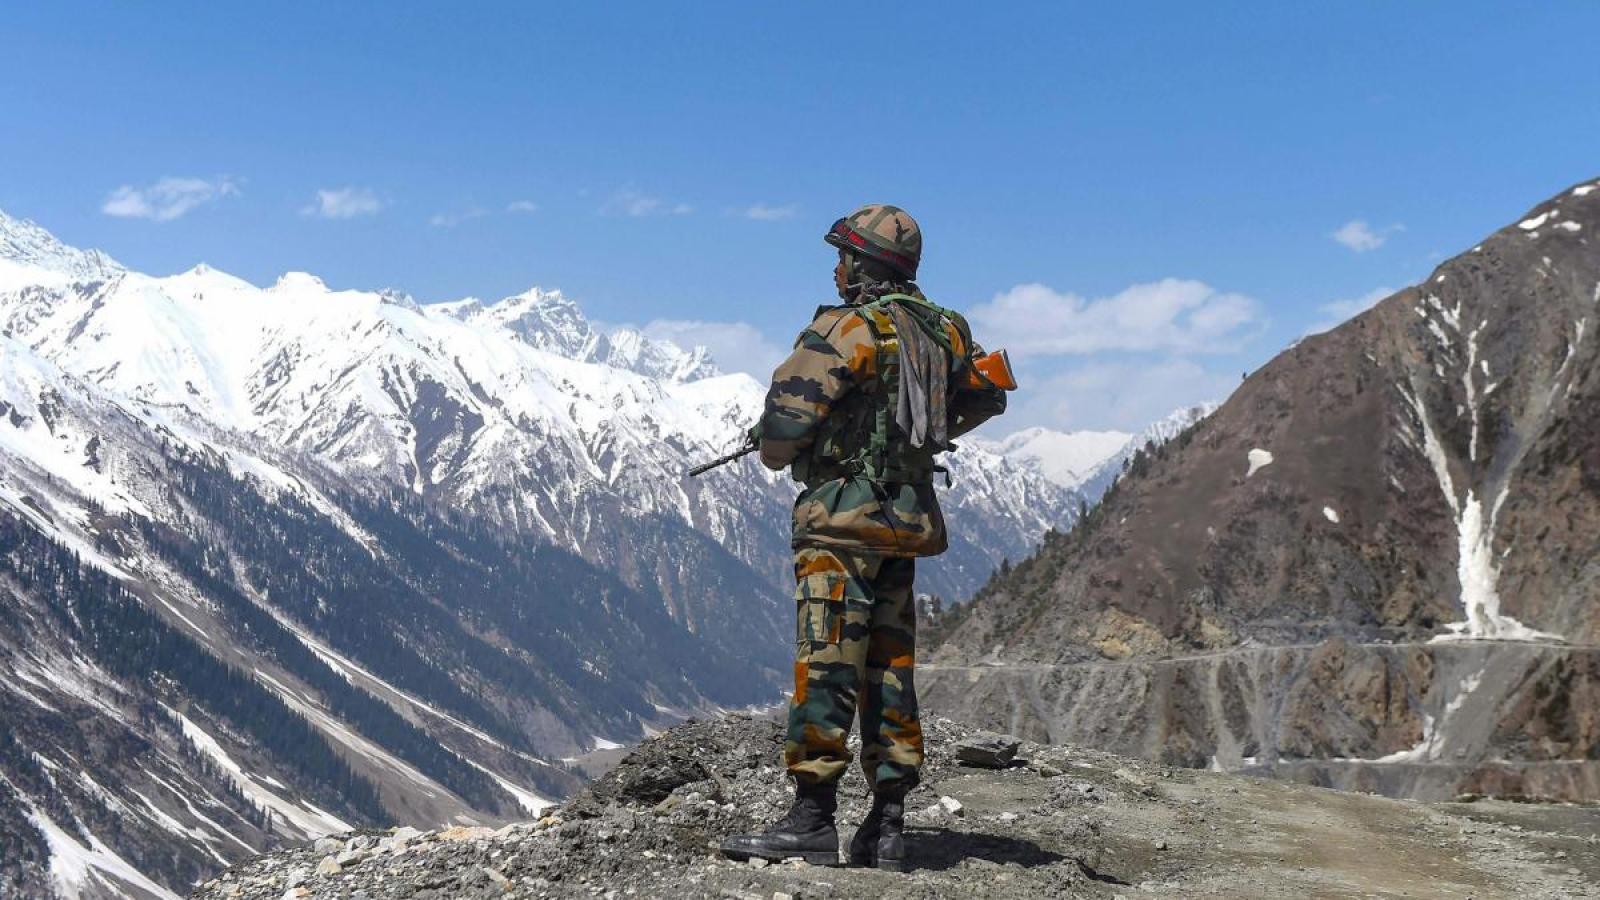 Biên giới Trung - Ấn vẫn tiềm ẩn nguy cơ xung đột